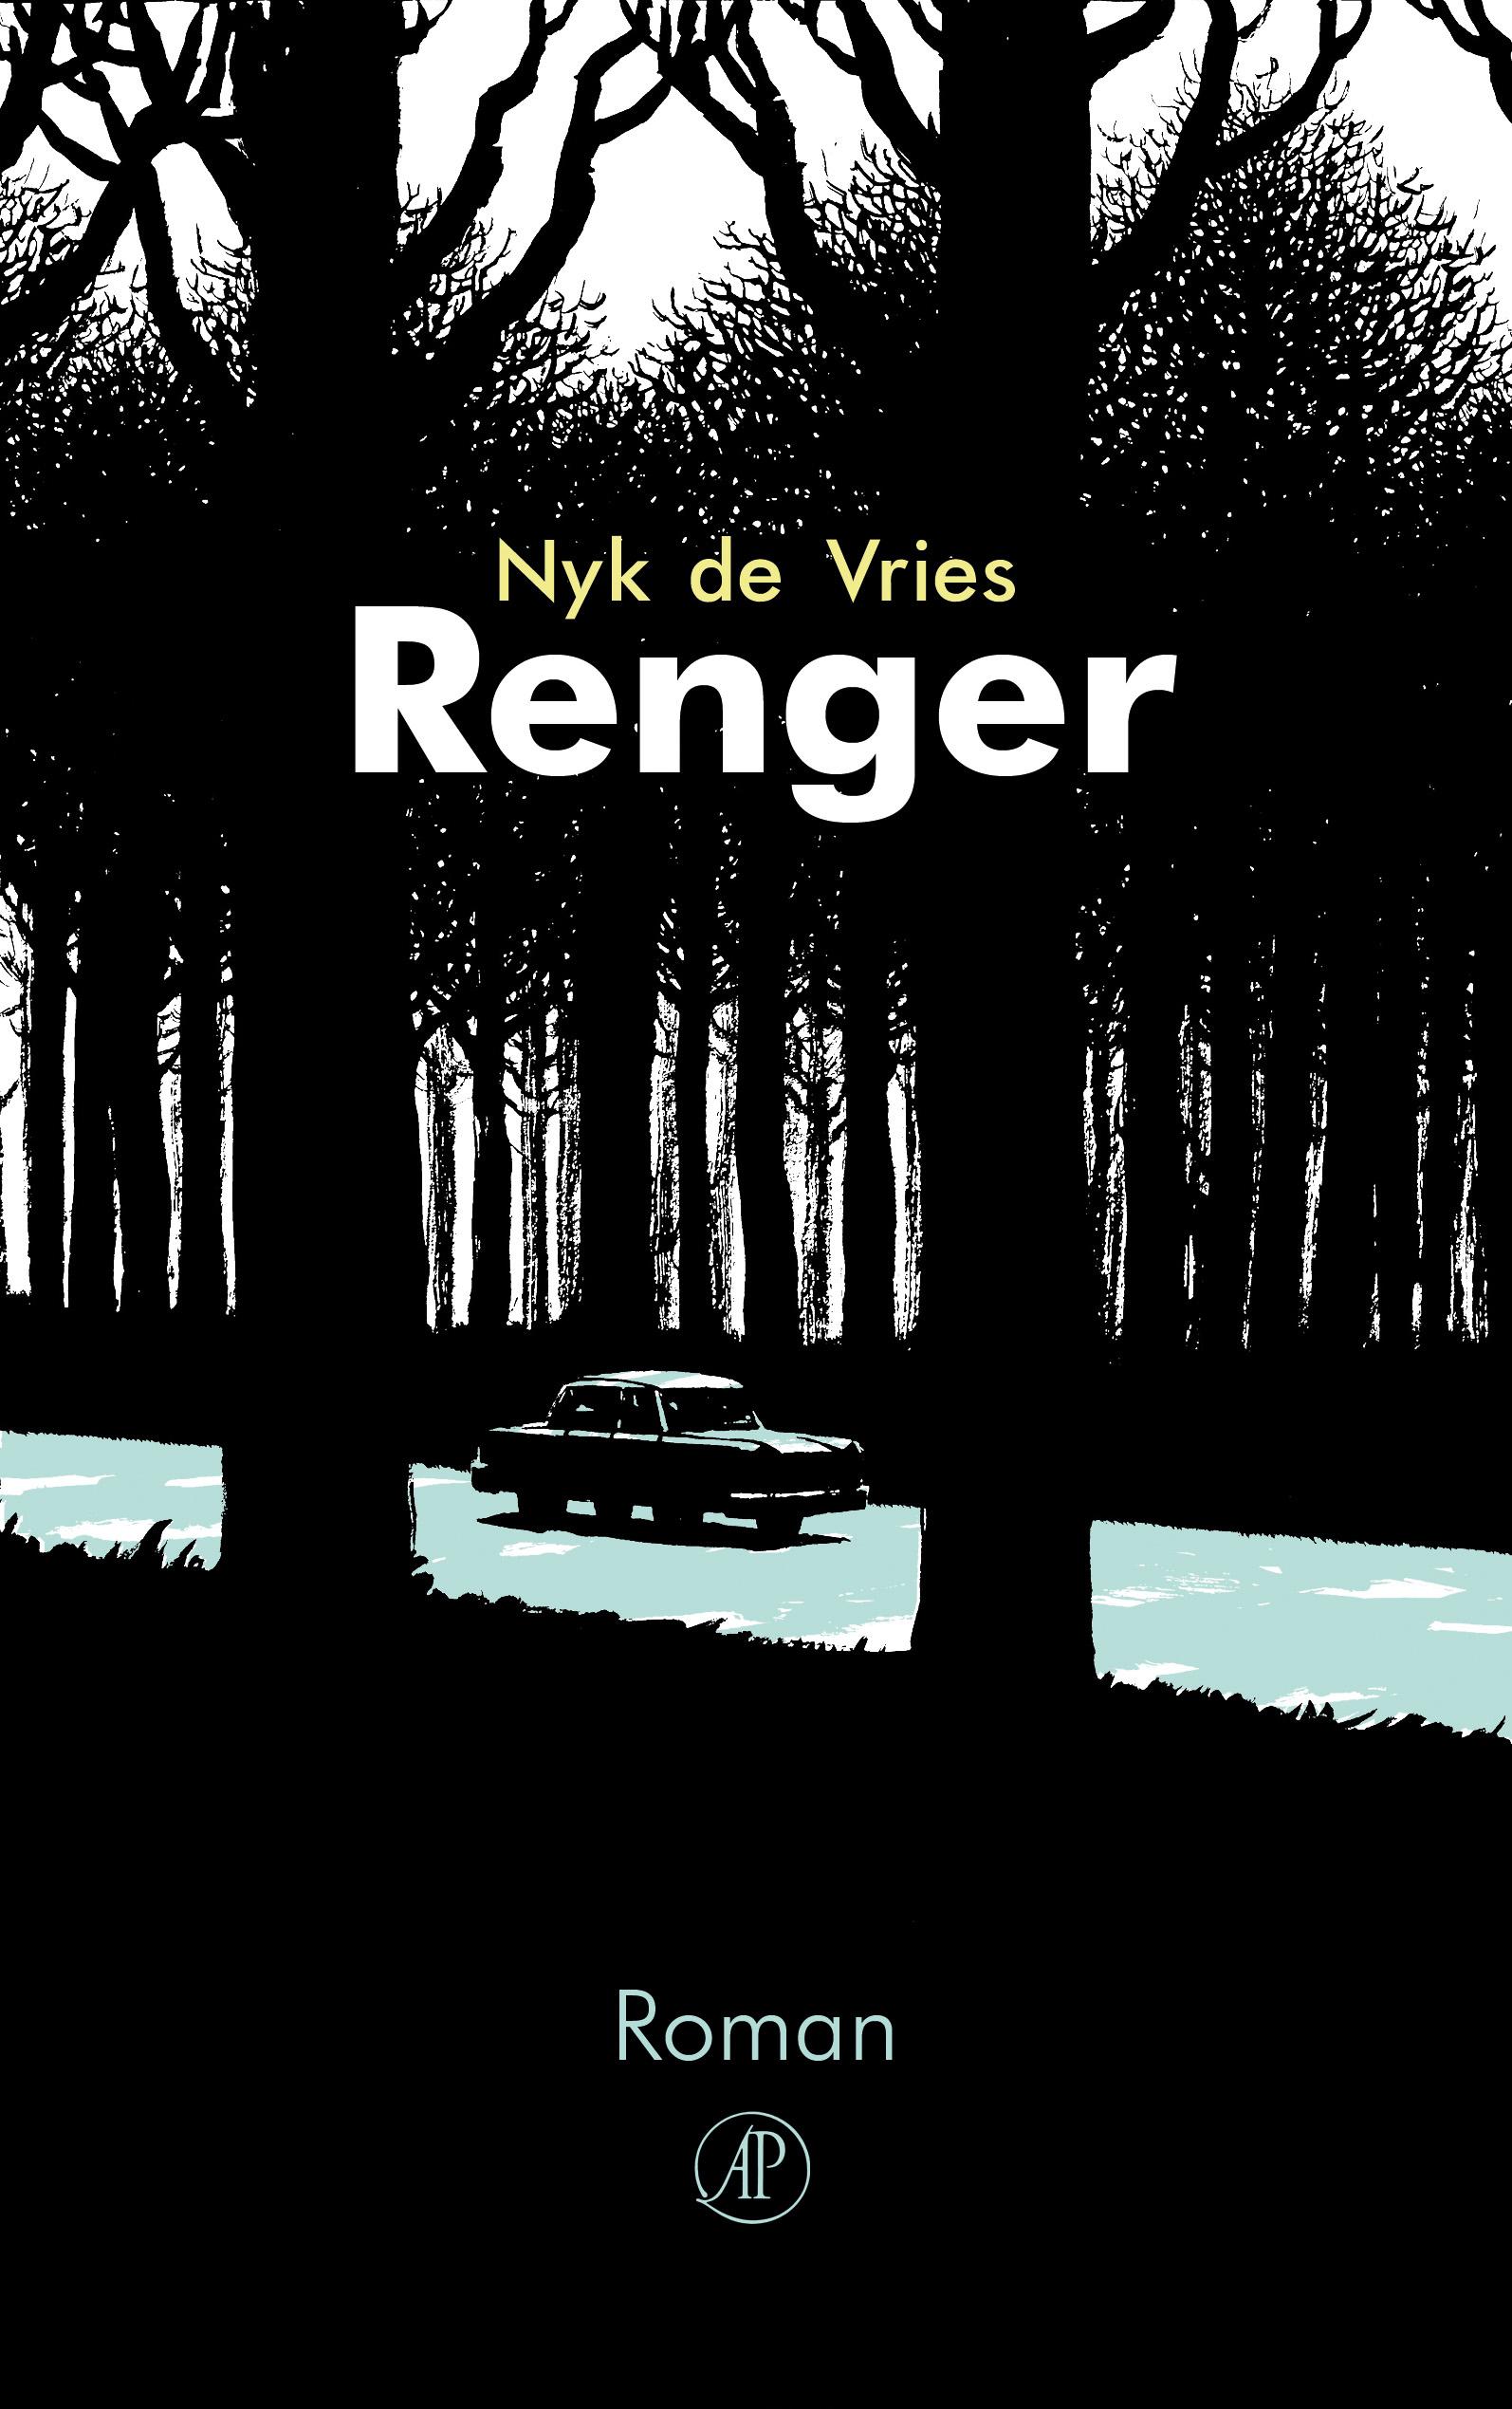 Renger – Nyk de Vries